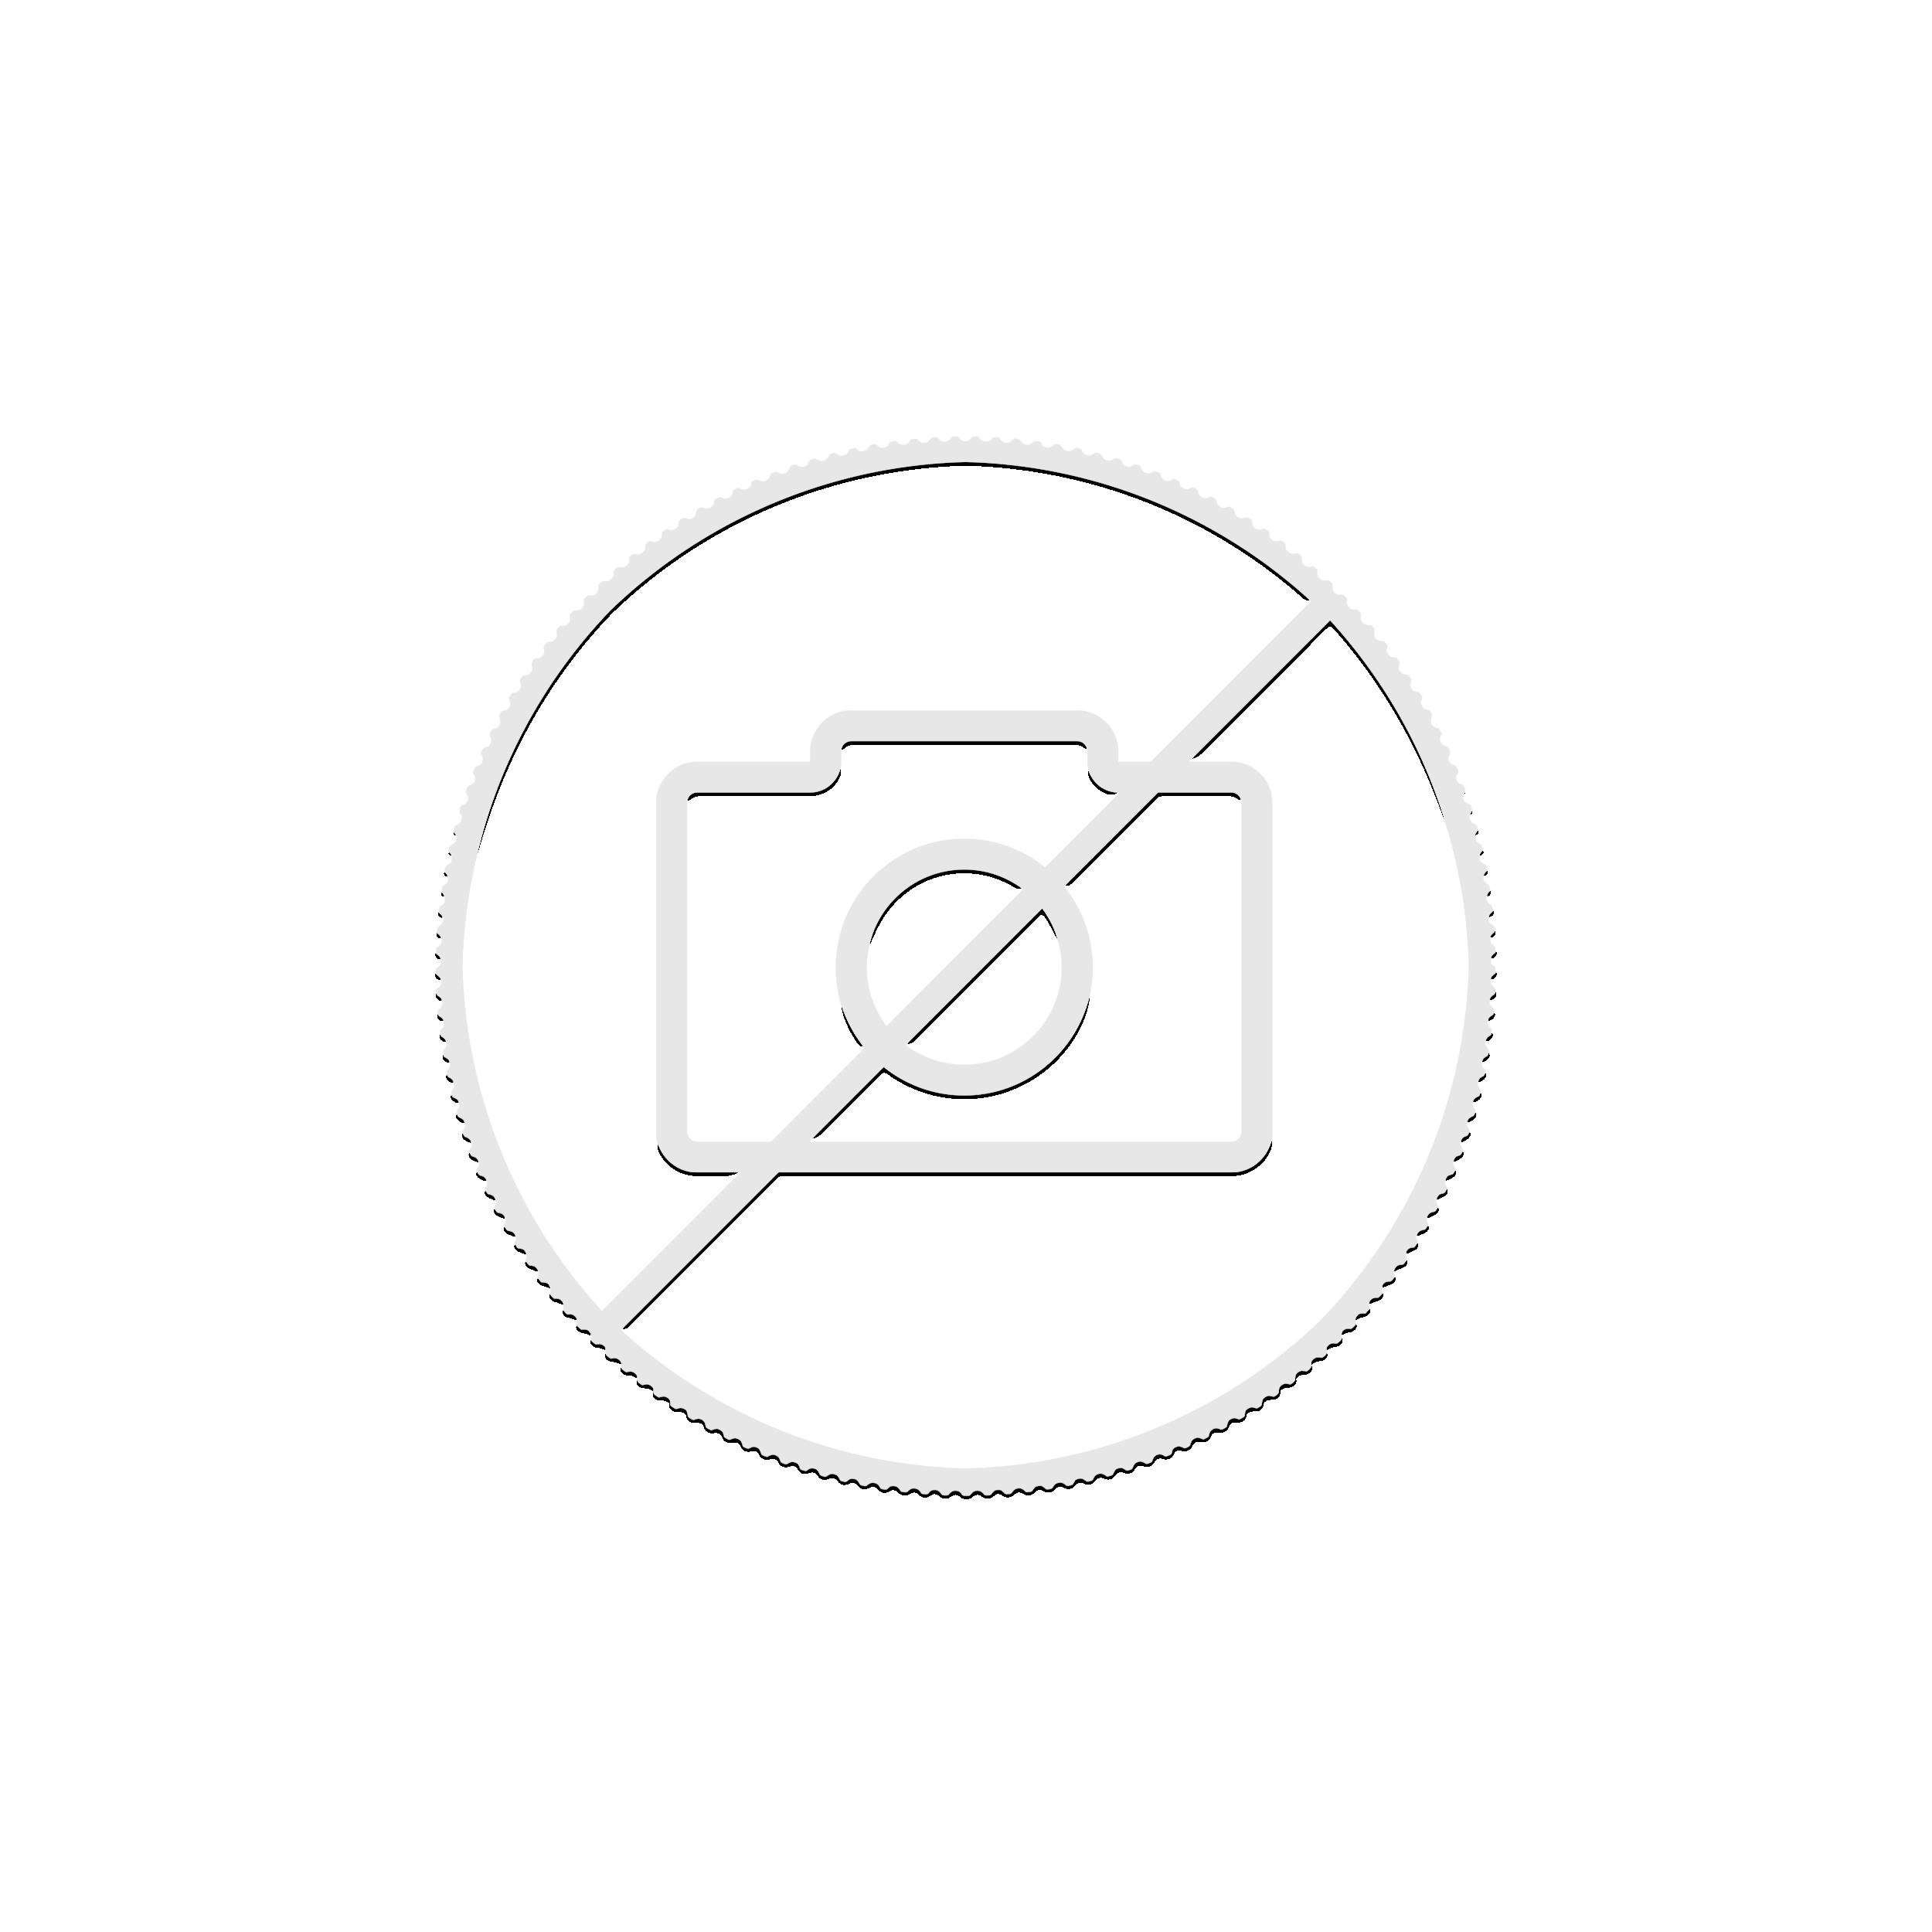 1/4 troy ounce gold Lunar coin 2012